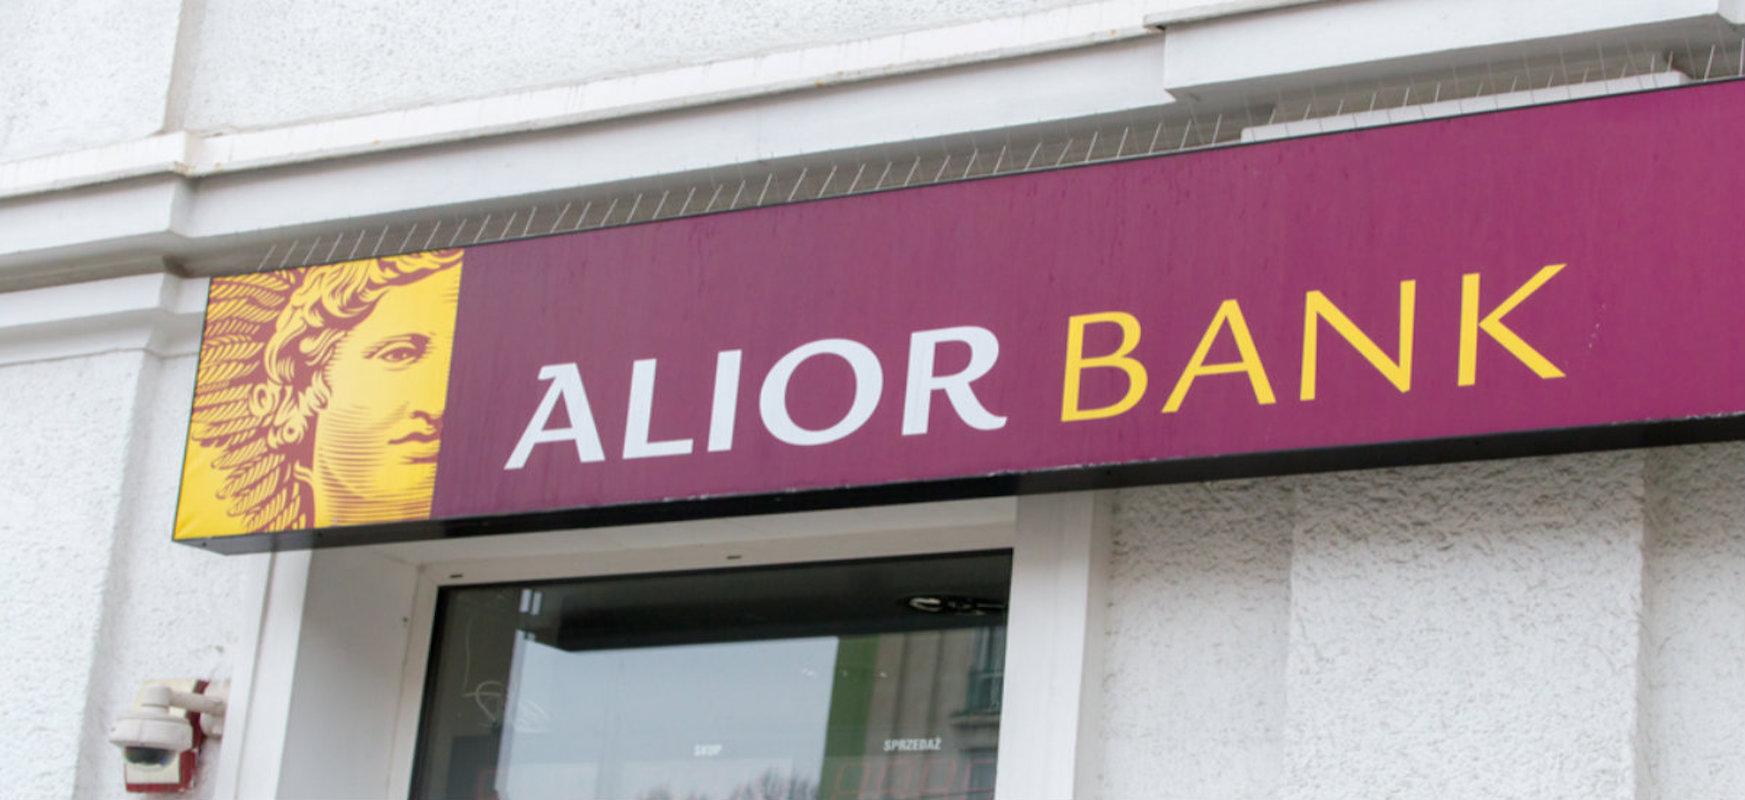 Alior Bank-ek koronavirusaren aurka modu eraginkorrean isolatzen dituen karpa erostea erosten du